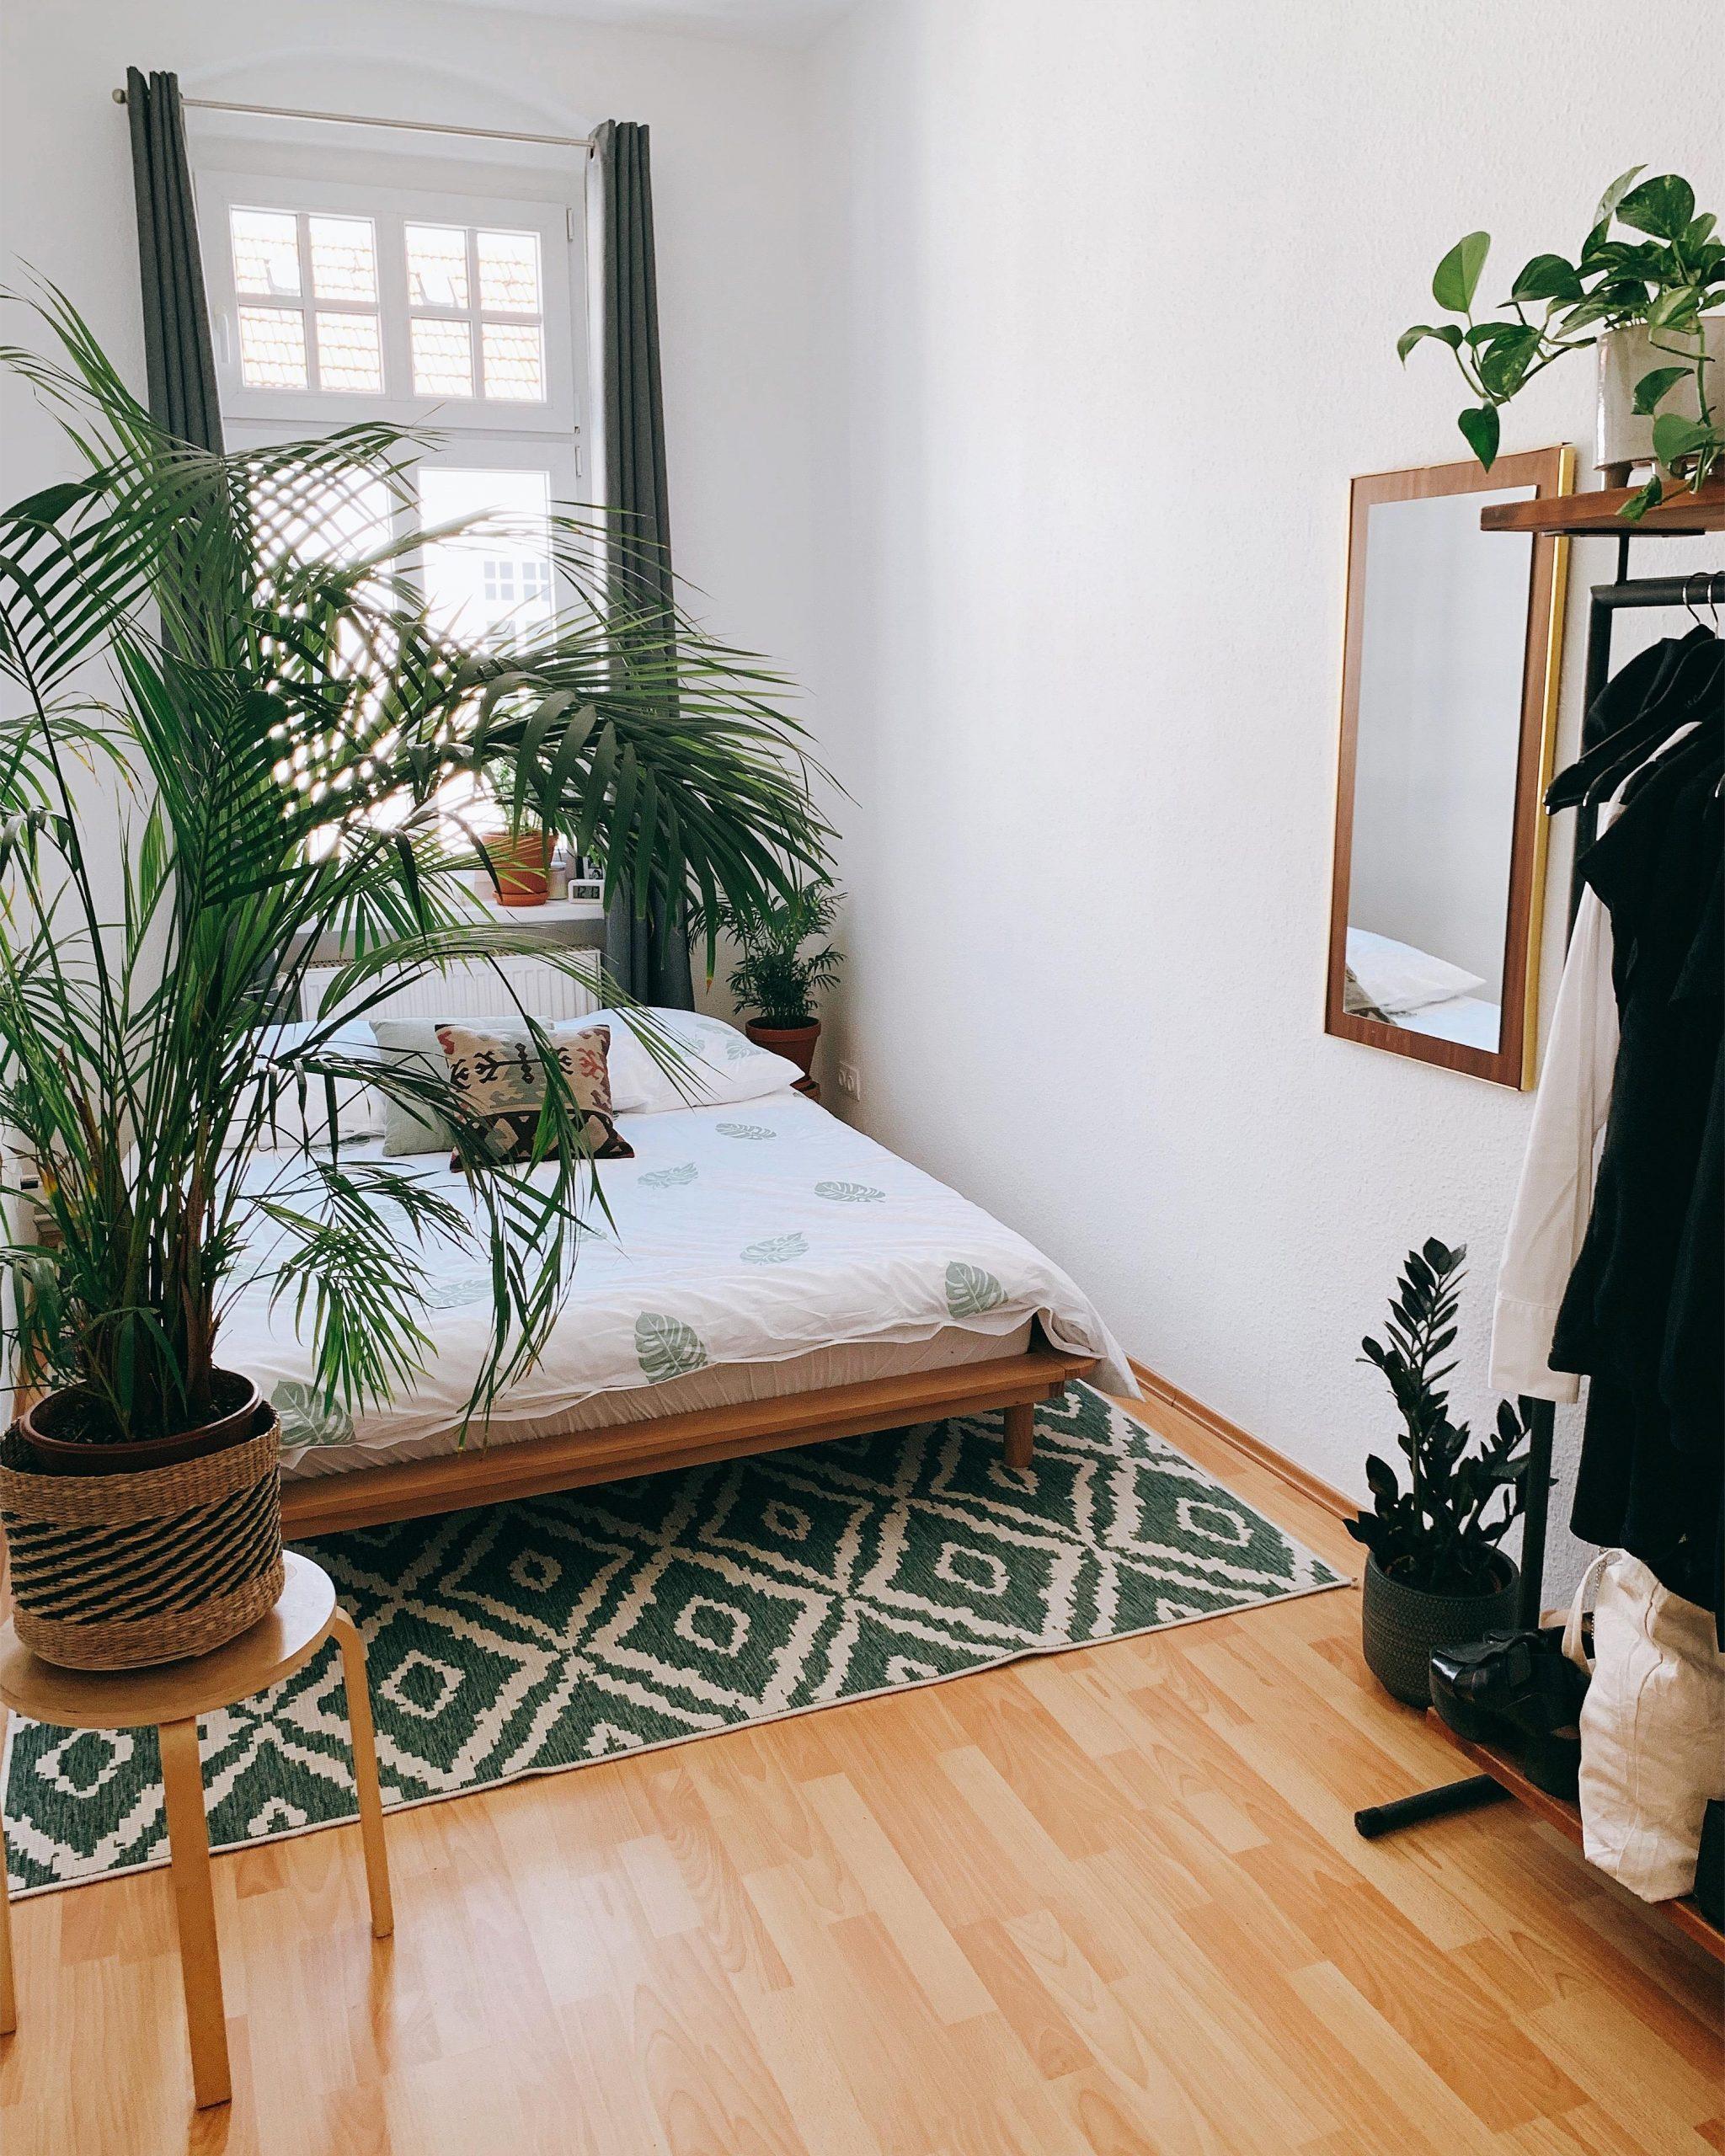 Full Size of Schlafzimmer Teppich Livingchallenge Couch Günstige Komplett Für Küche Günstig Deckenleuchte Modern Massivholz Stuhl Sessel Mit Lattenrost Und Matratze Schlafzimmer Teppich Schlafzimmer